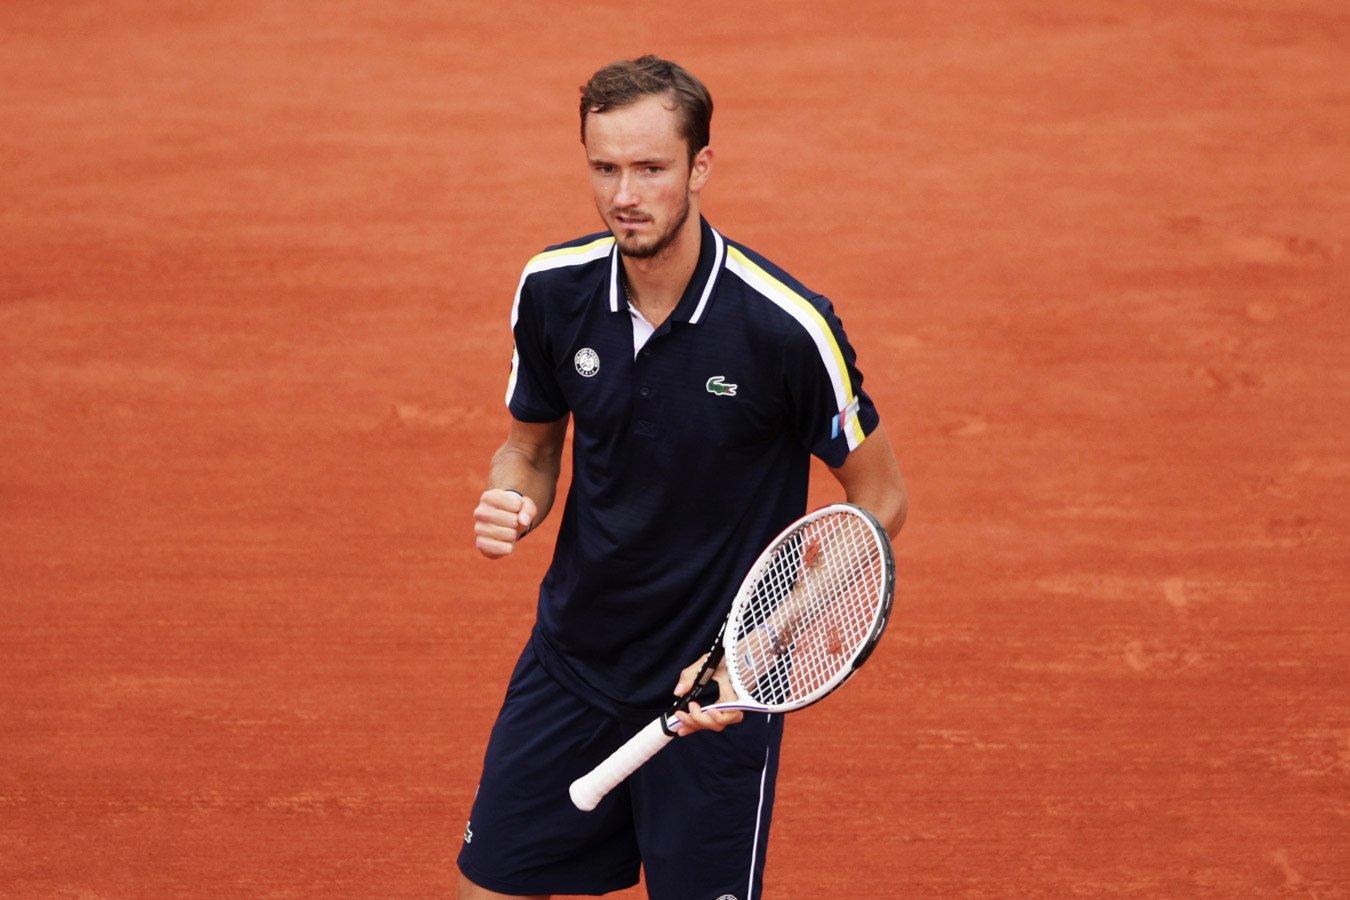 Даниил Медведев может стать первой ракеткой мира по итогам Ролан Гаррос